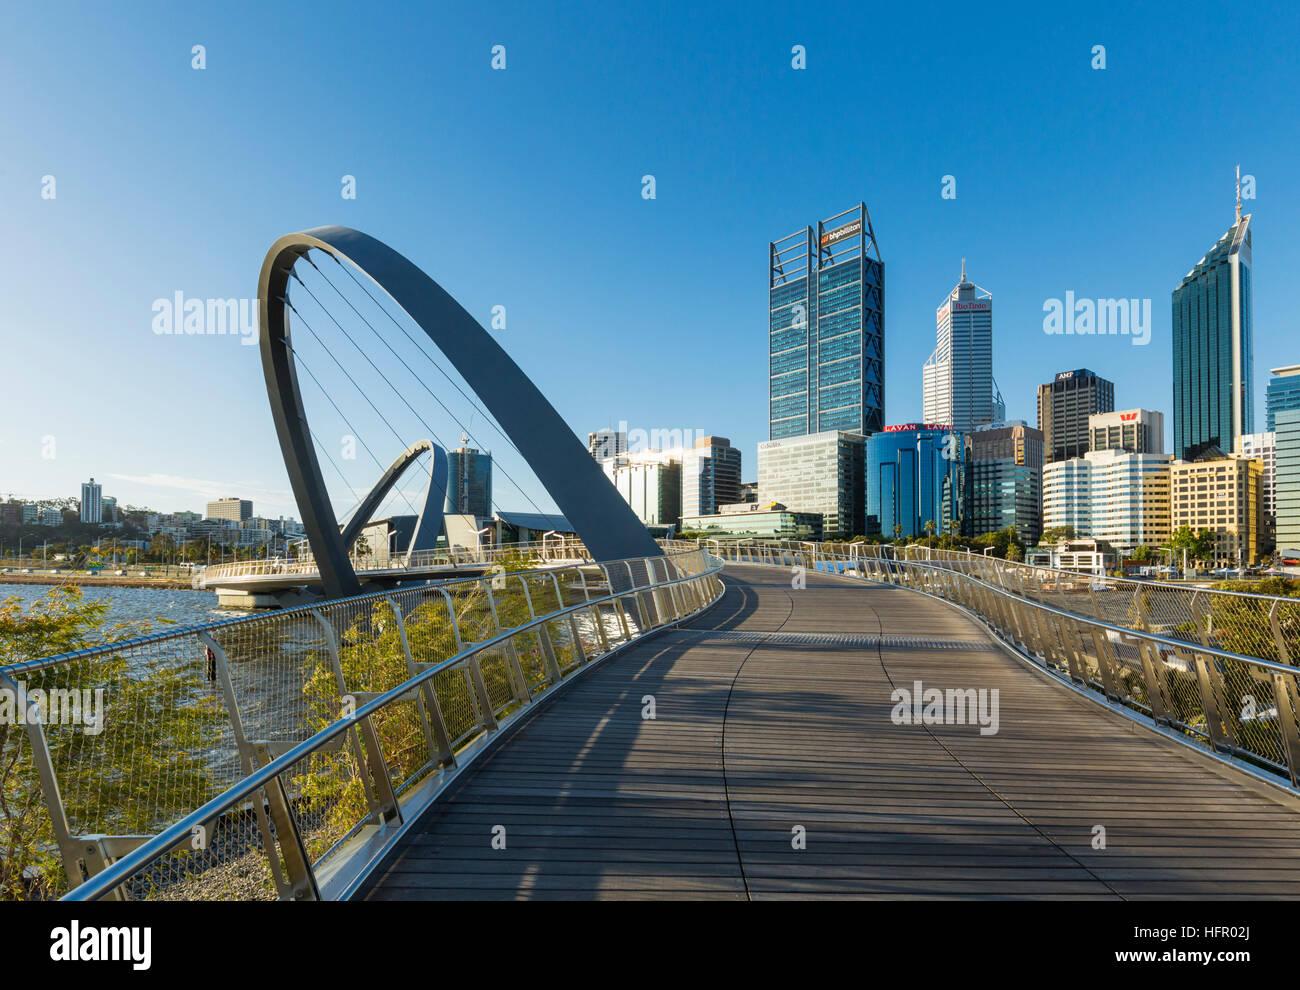 Vista a lo largo de la Elizabeth Quay puente peatonal de la ciudad más allá, Perth, Australia Occidental, Imagen De Stock